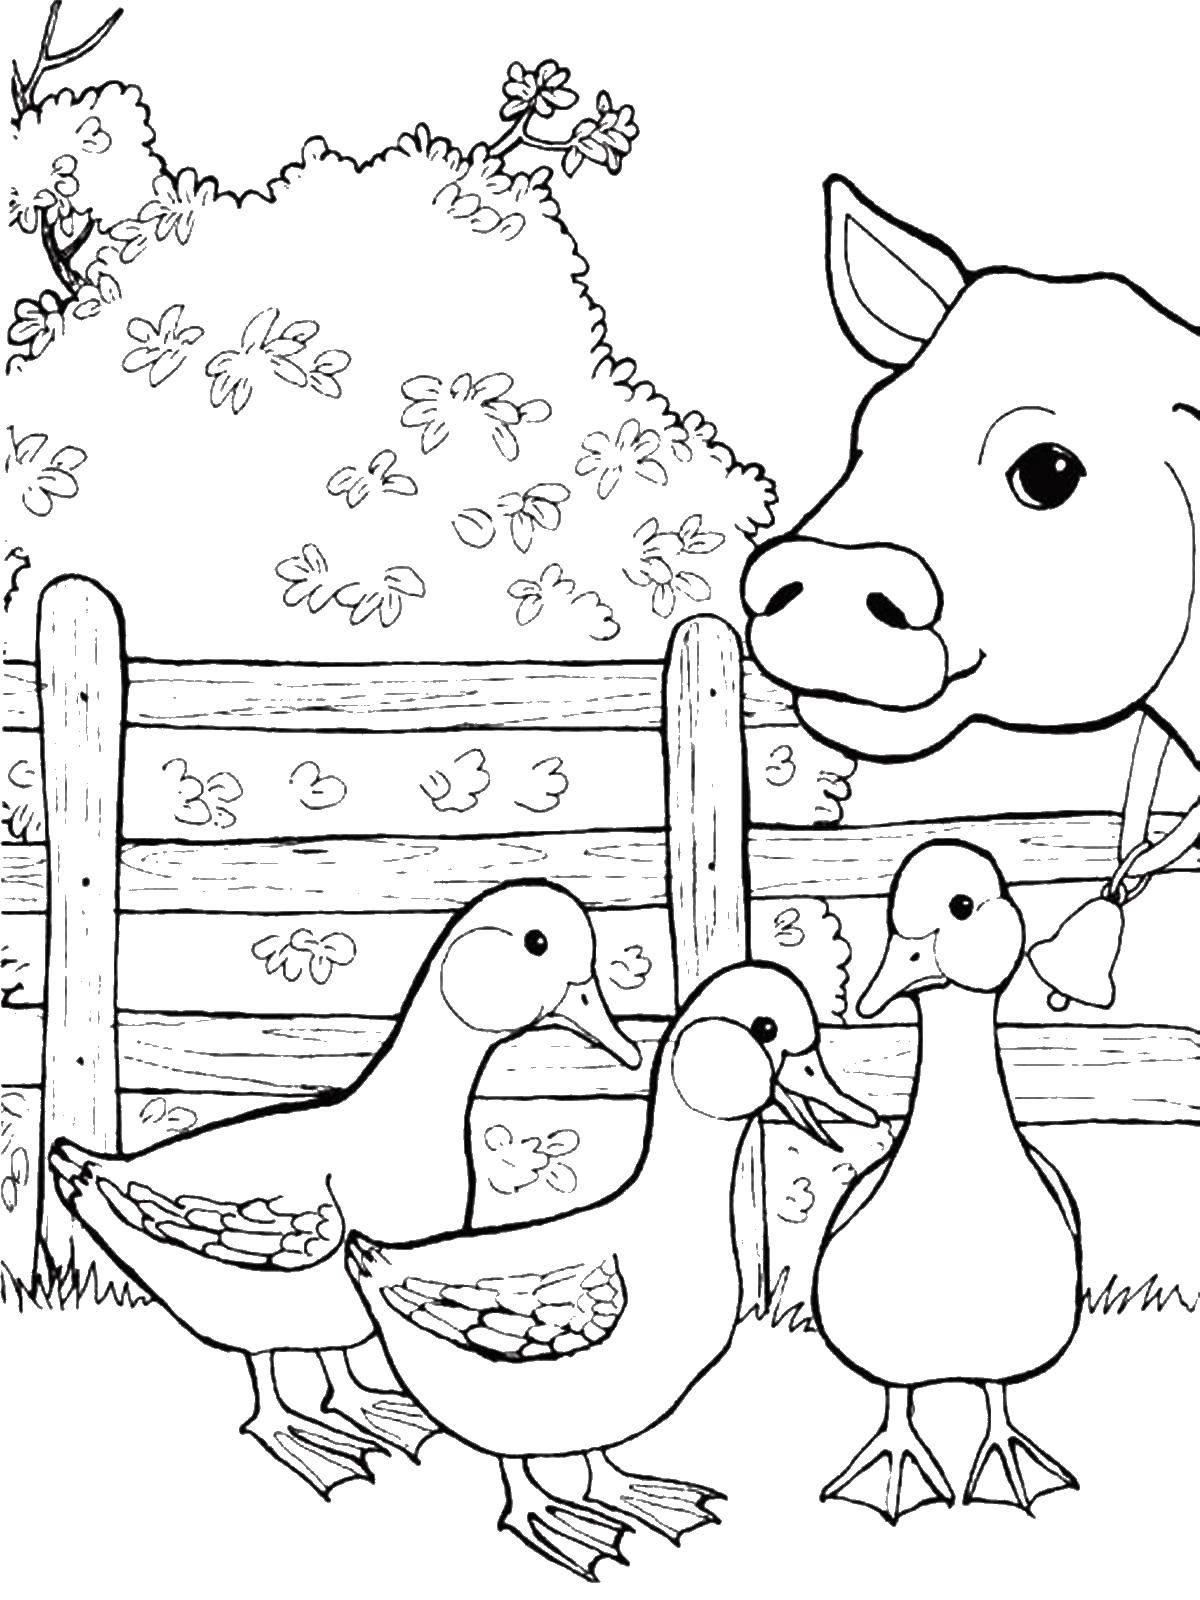 Гусятки и коровка